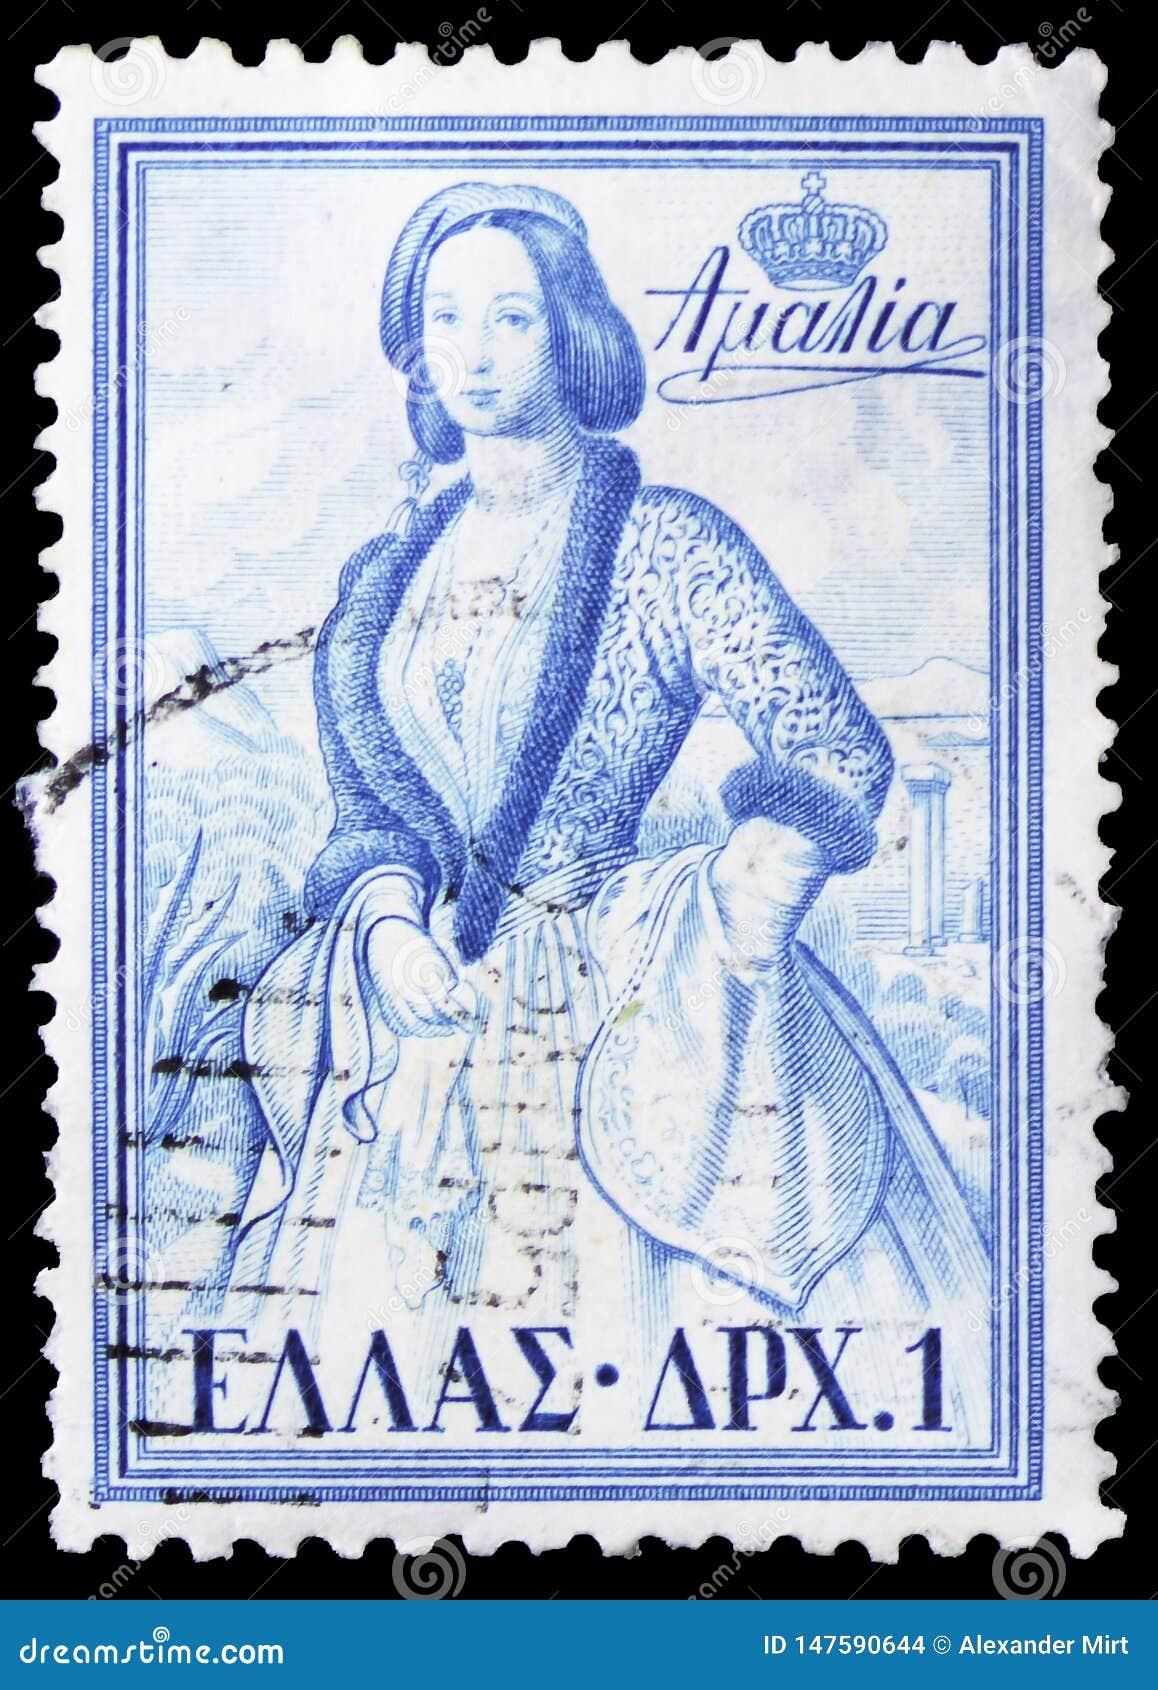 La Reine Amalia, serie grec de rois et de Queens, vers 1956